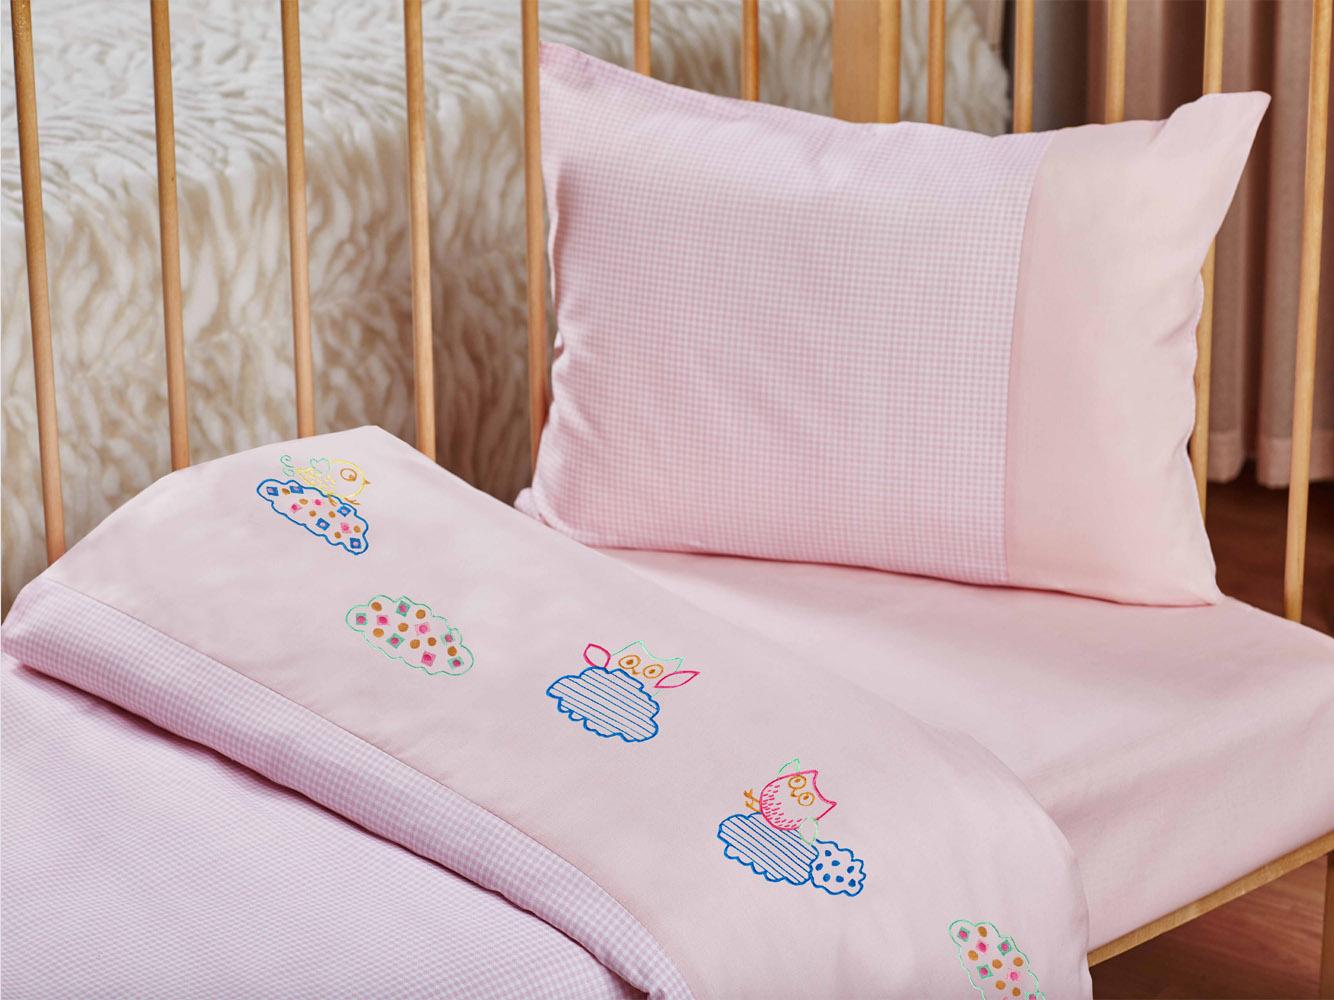 Купить Детское постельное белье Primavelle, Детское Постельное белье Orhidea Цвет: Розовый (115х145 см), Россия, Бязь